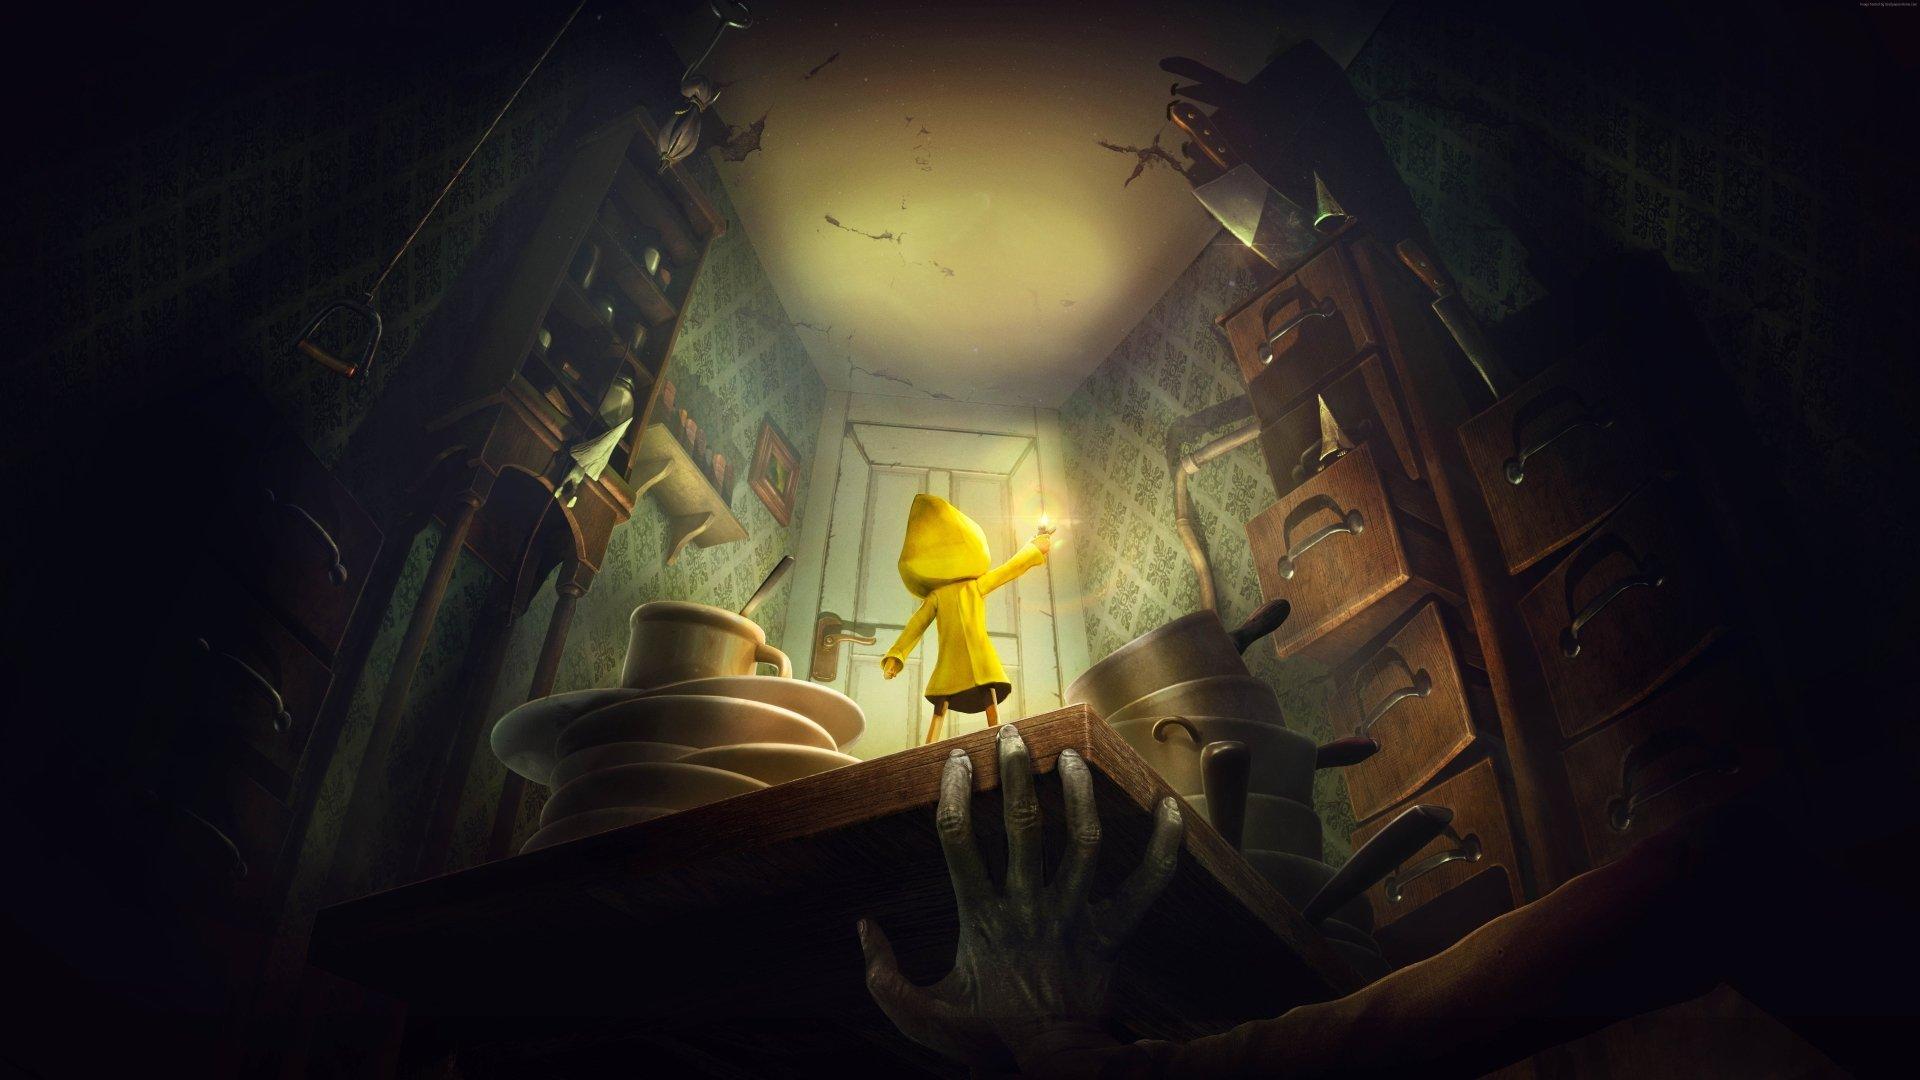 Melhores jogos indie de janeiro: little nightmares e mais. Nos melhores jogos indie de janeiro você vai viver aventuras surreais, ajudar uma deusa a cuidar das colheitas e até esmagar insetos com robôs gigantes